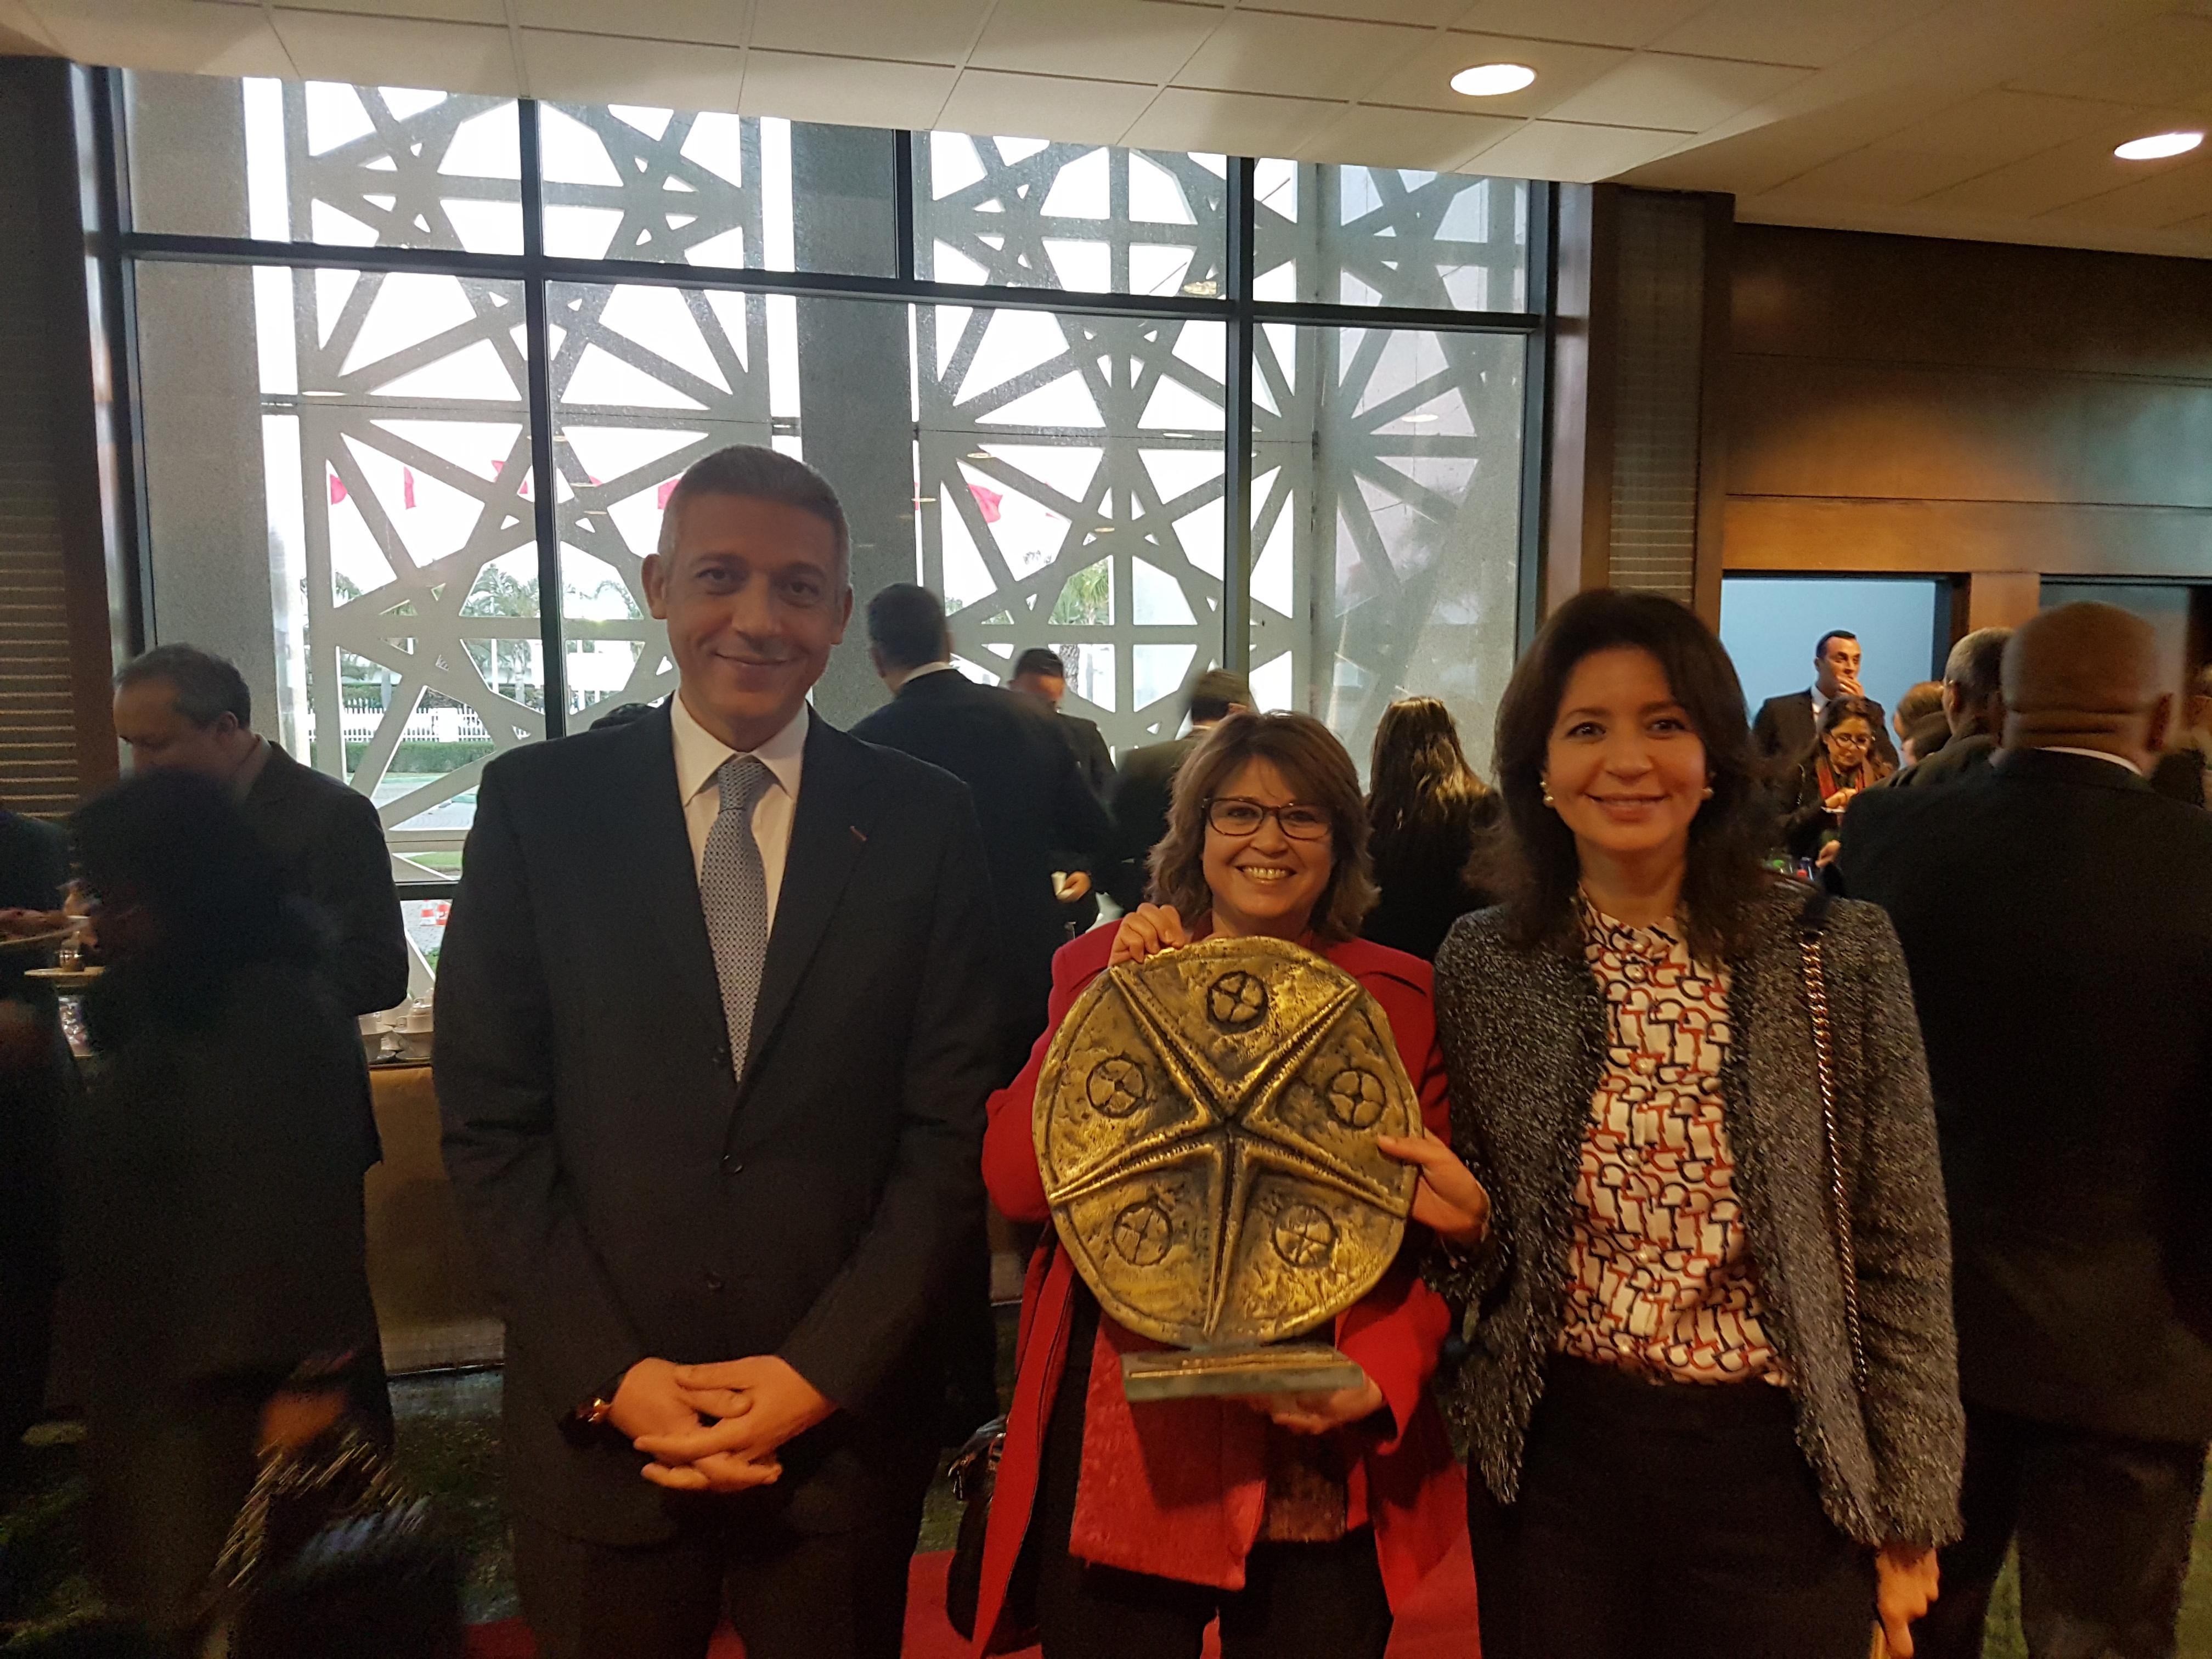 """2017 : Atlanta Assurances reçoit le Trophée Lalla Hasnaa """"Littoral durable"""" pour son projet environnemental de tri sélectif des déchets"""